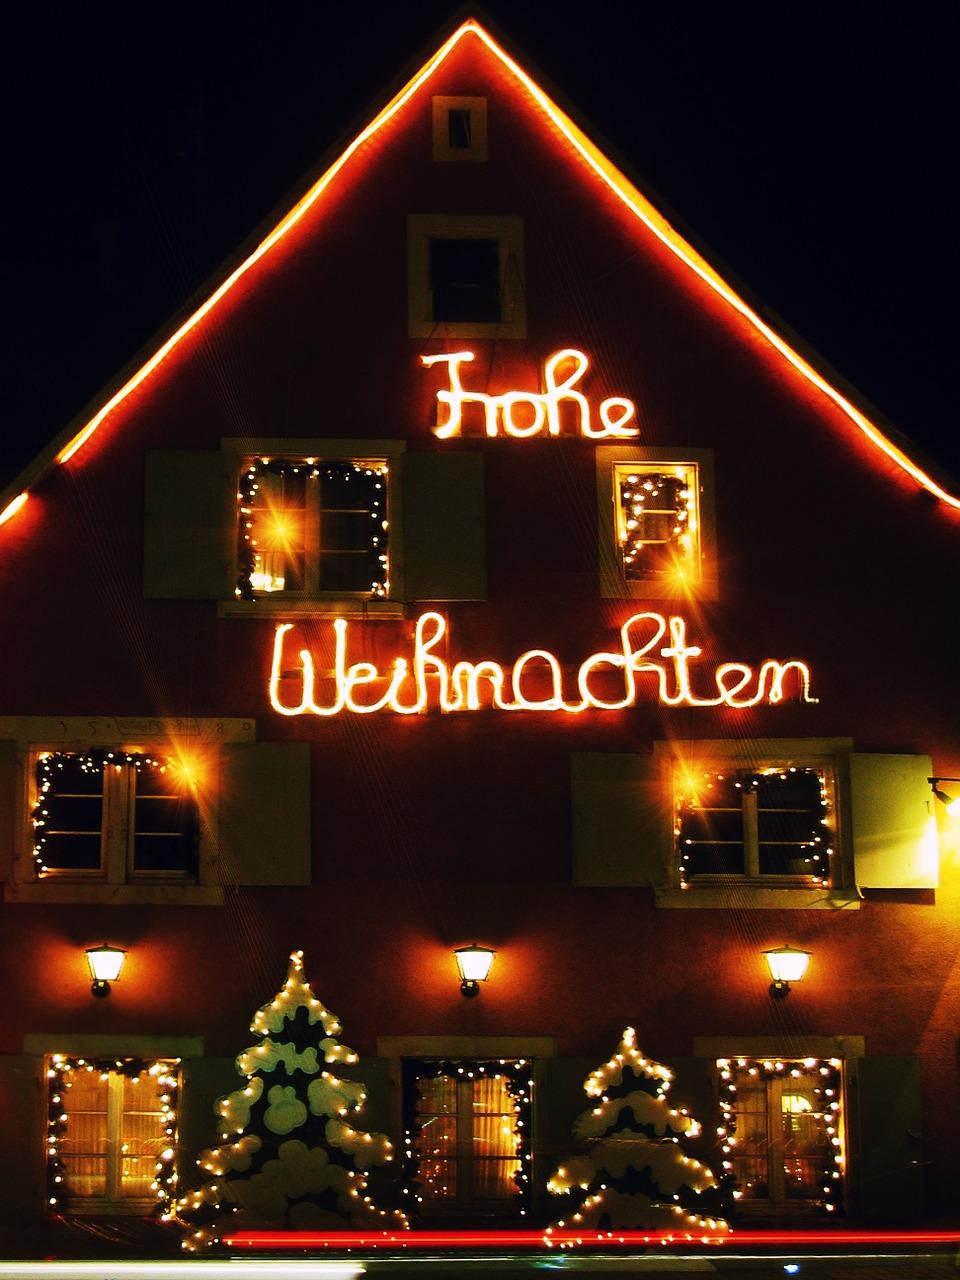 Full Size of Weihnachtsbeleuchtung Fenster Kabellos Amazon Led Silhouette Stern Innen Pyramide Hornbach Batteriebetrieben Befestigen Figuren Ohne Kabel Bunt Mit Sichere Fenster Weihnachtsbeleuchtung Fenster